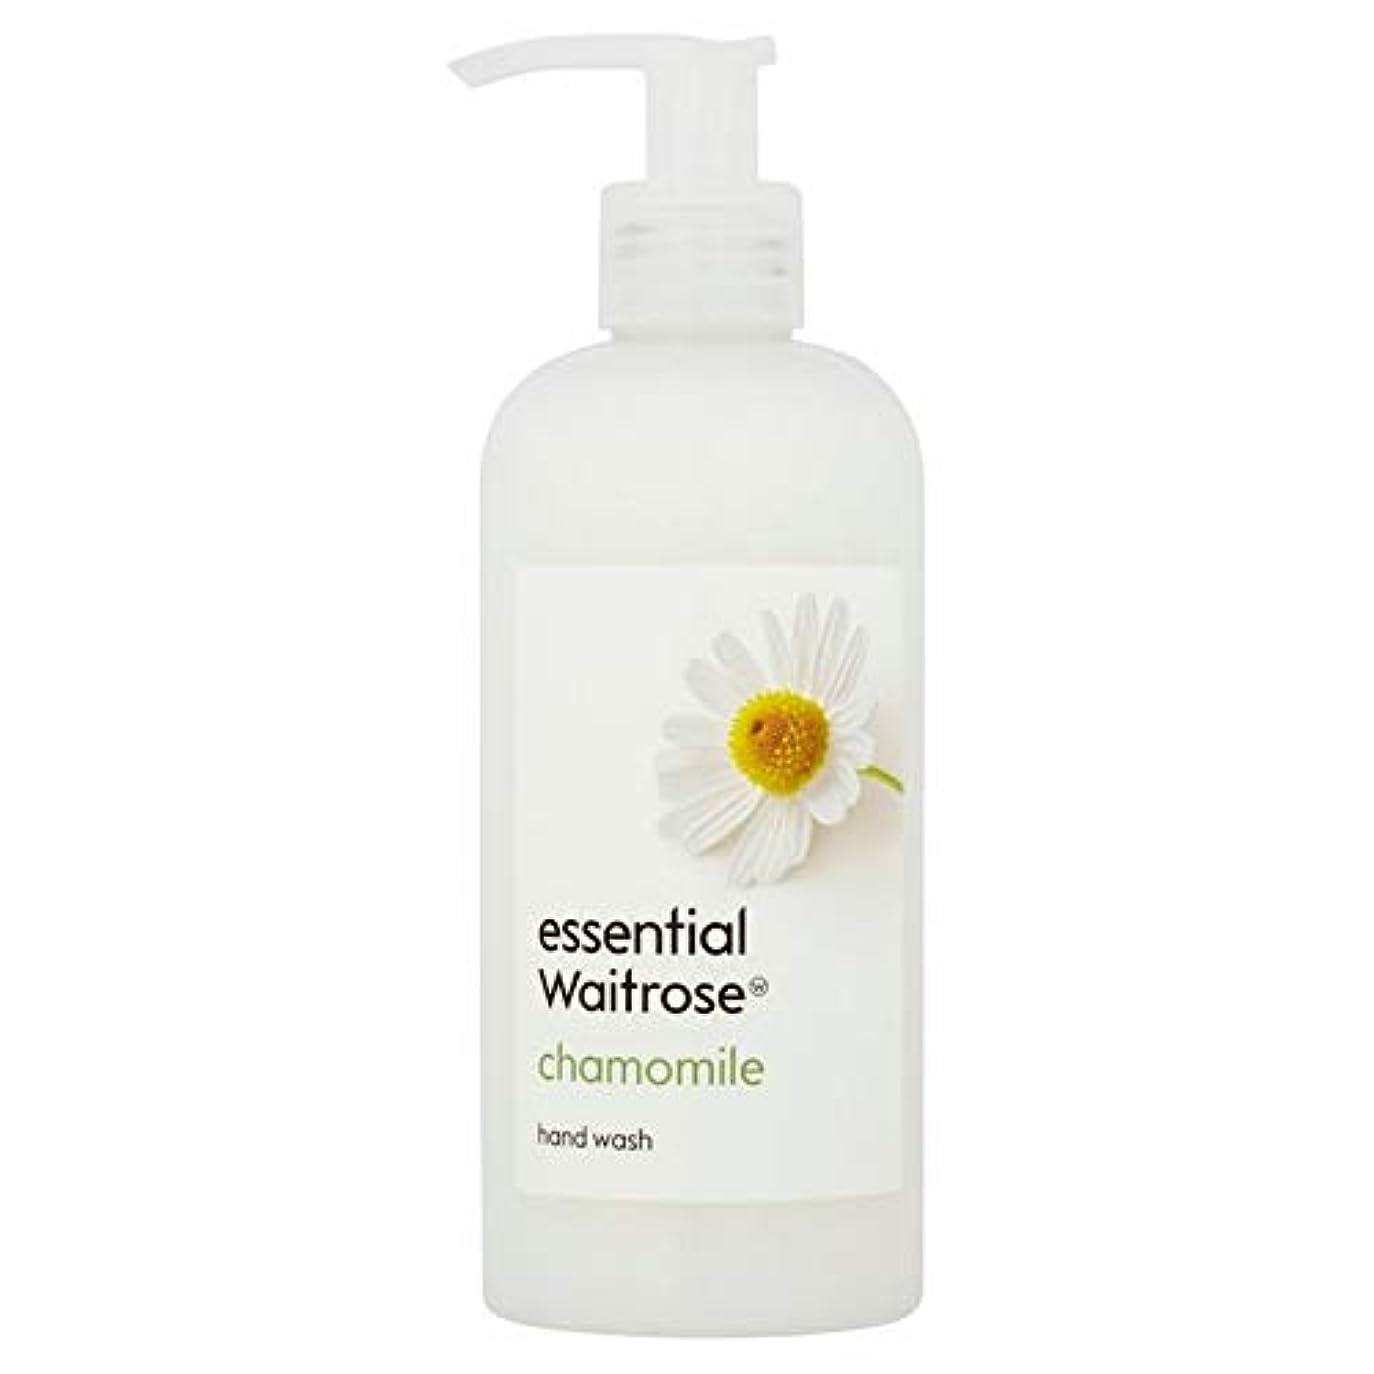 極貧認可バレル[Waitrose ] 基本的なウェイトローズのハンドウォッシュカモミール300ミリリットル - Essential Waitrose Hand Wash Chamomile 300ml [並行輸入品]